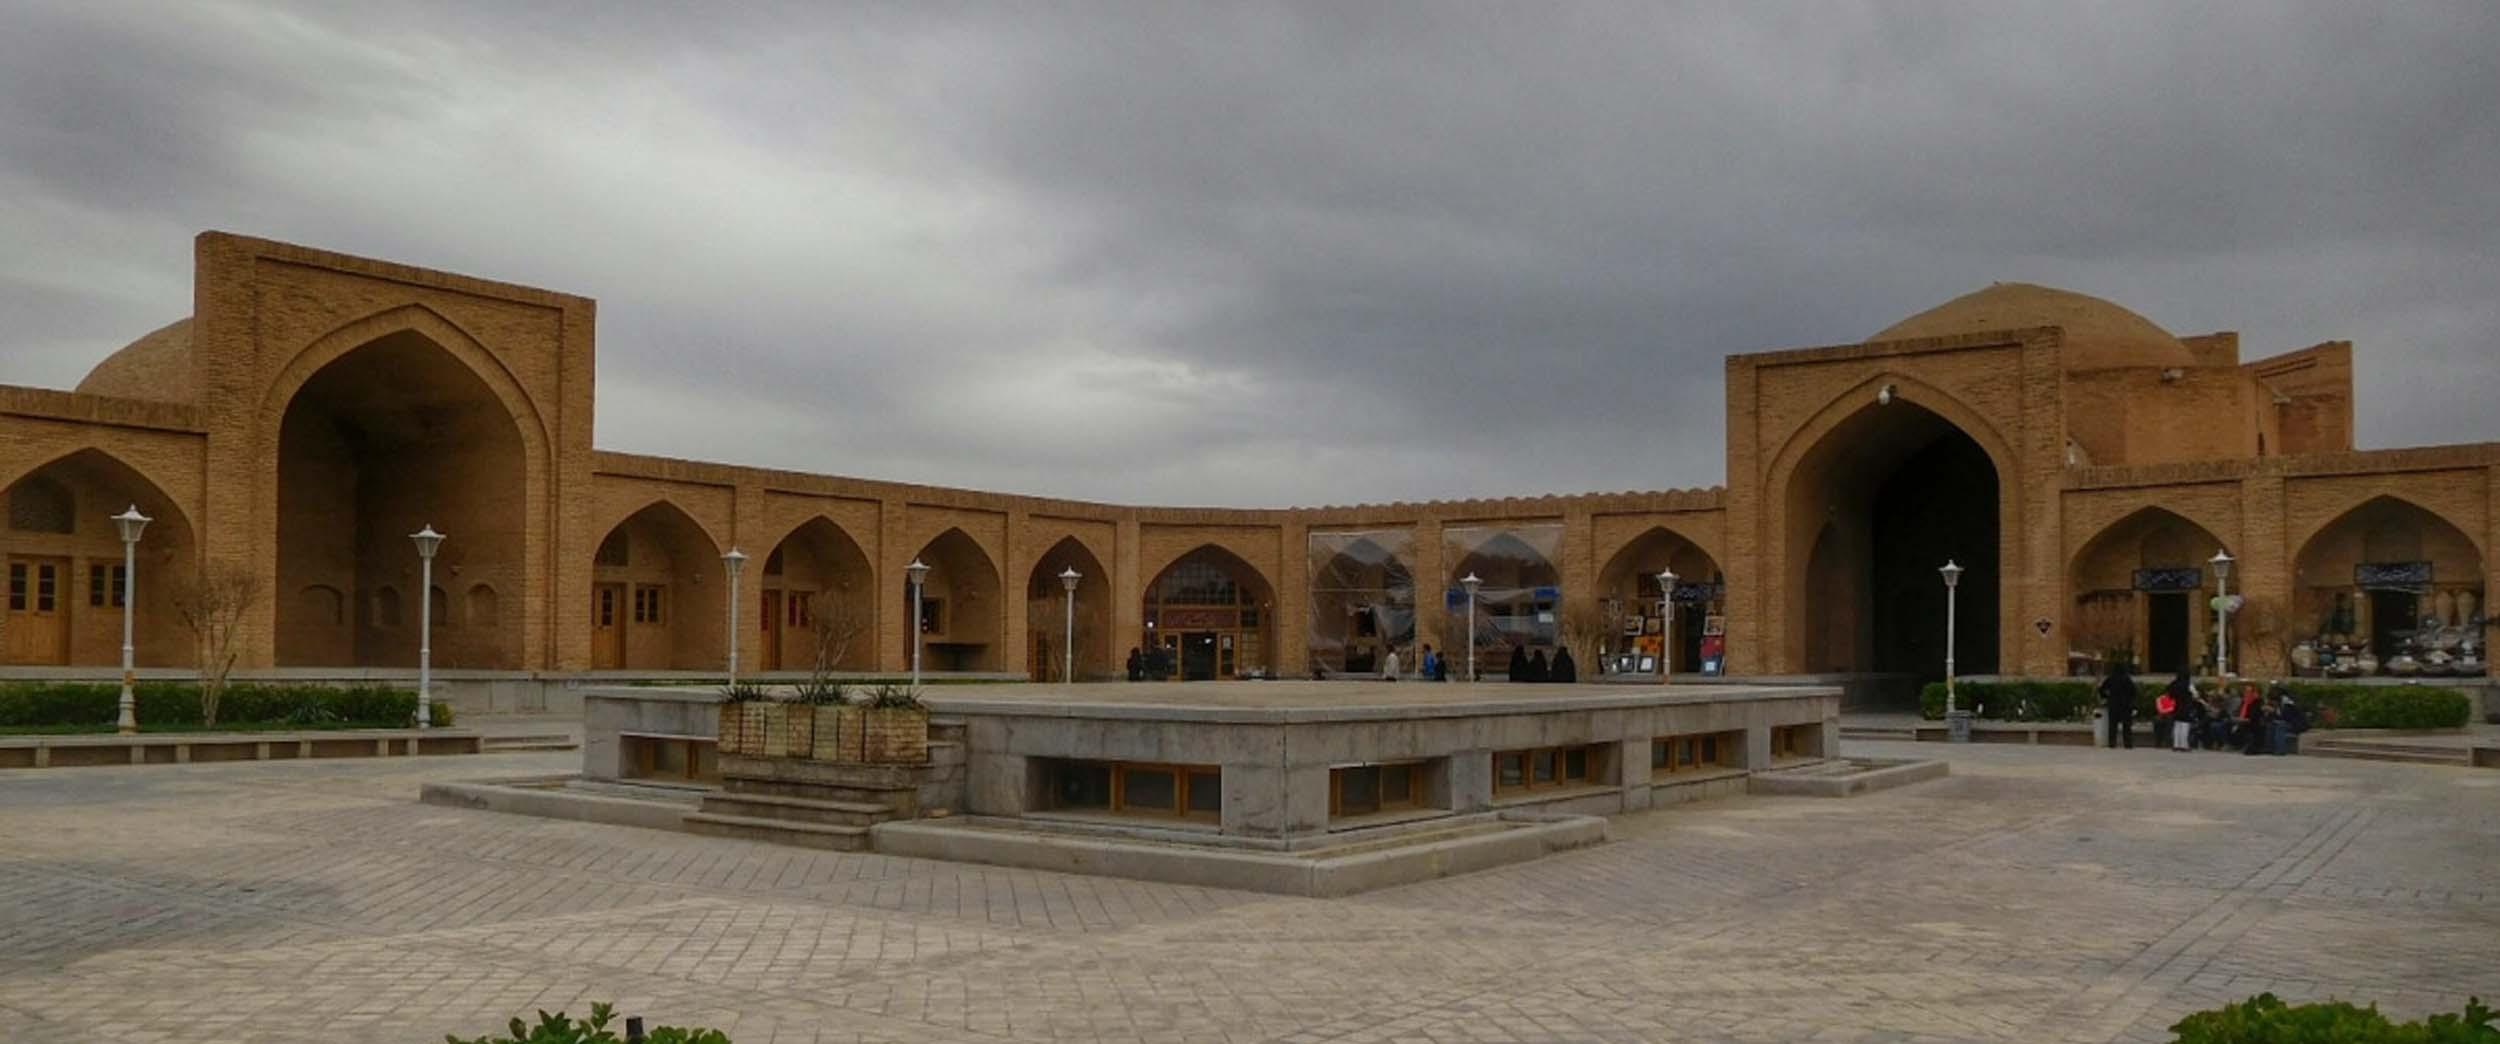 کاروانسراهای ایران